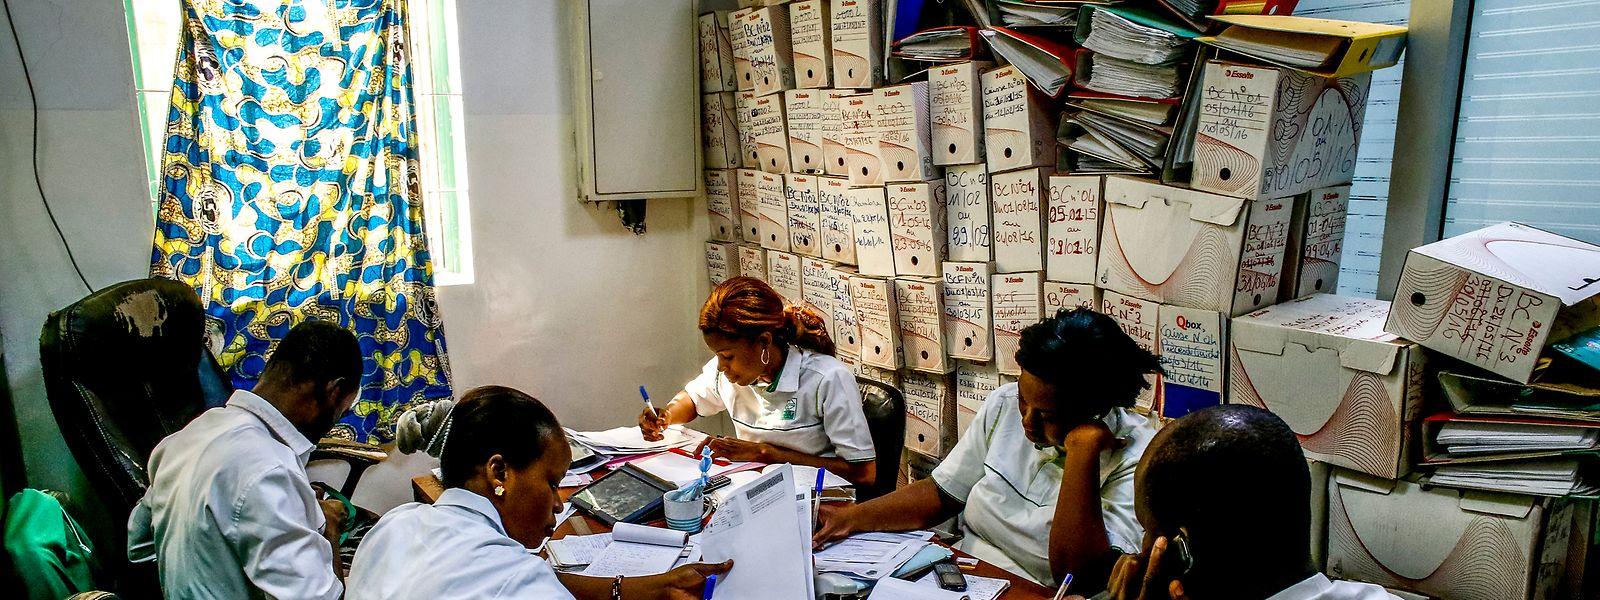 Als Instrument in der Armutsbekämpfung sind Mikrokredite inzwischen umstritten.